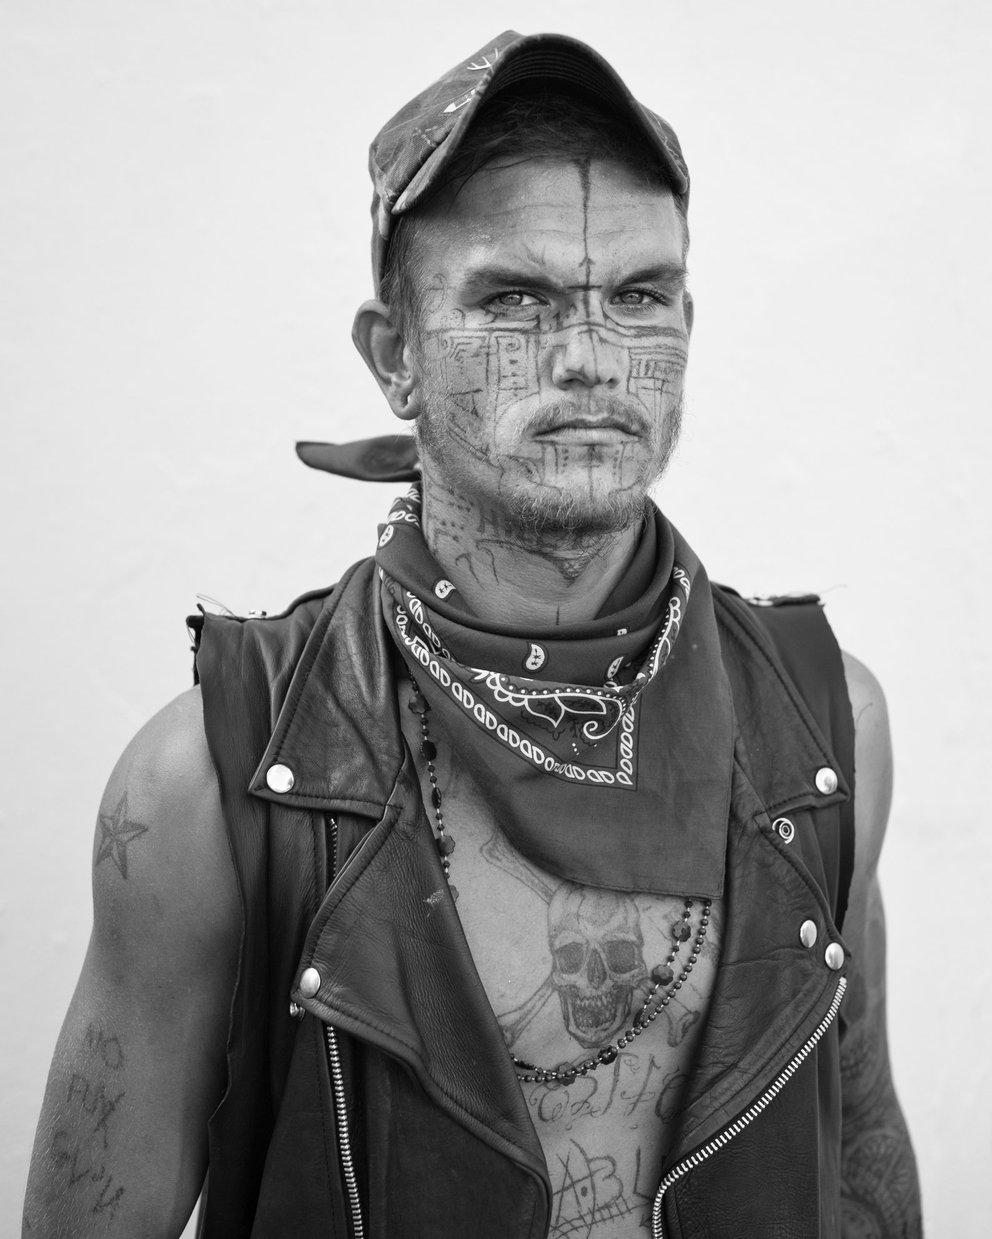 Майкл Джозеф: фотопроект Потерянные и Найденные